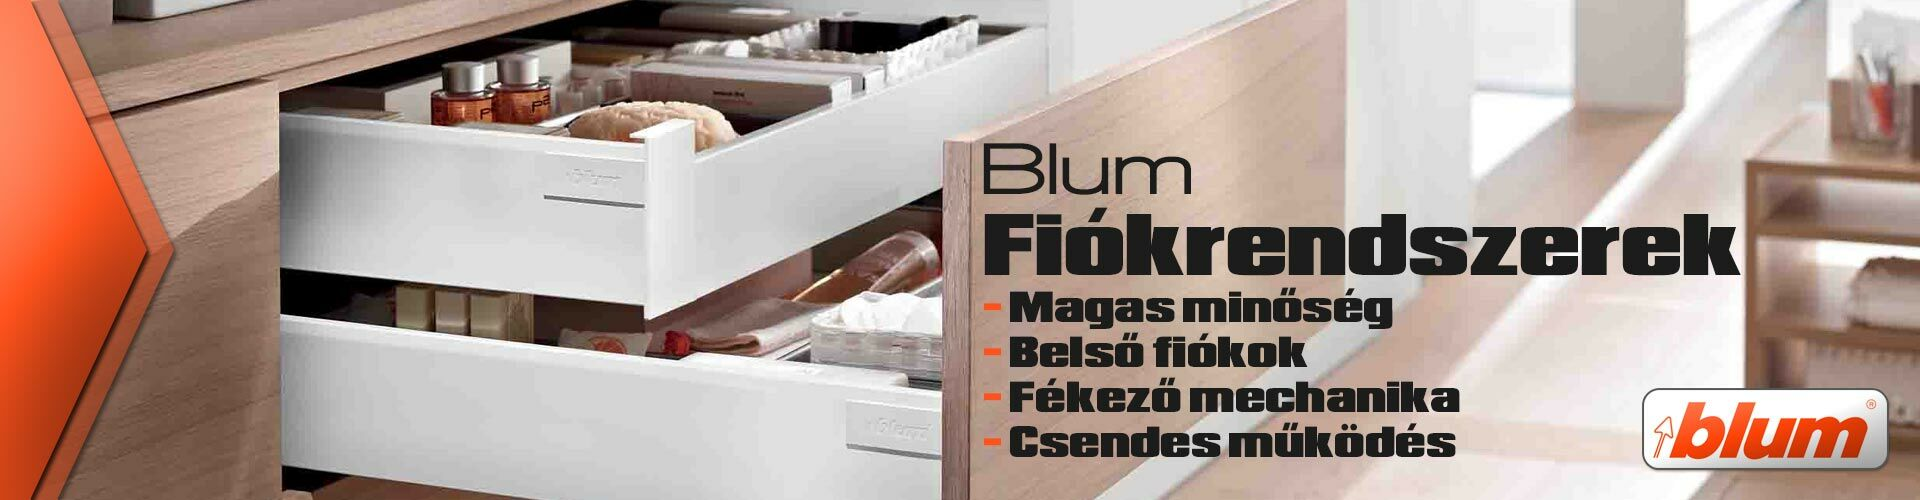 Blum-Fiókrendszer